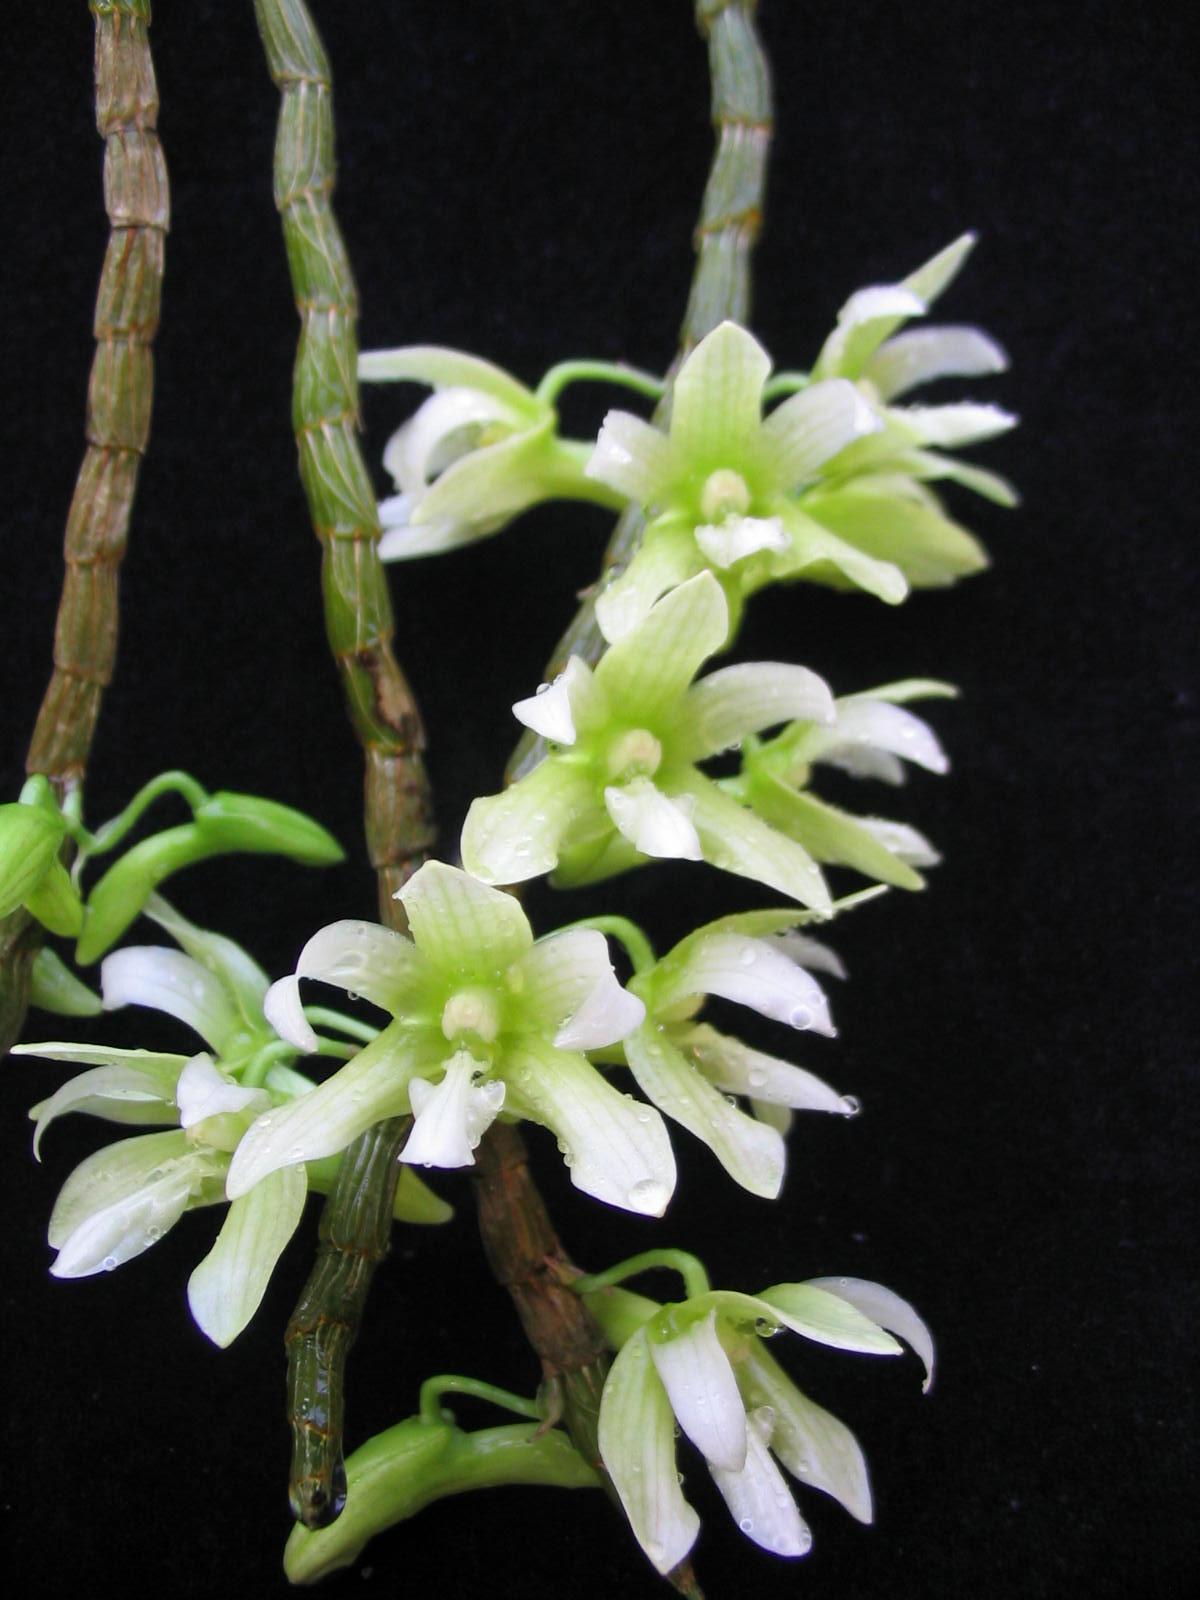 http://web2.mendelu.cz/arboretum/upload/Dendrobium_guerreroi.jpg